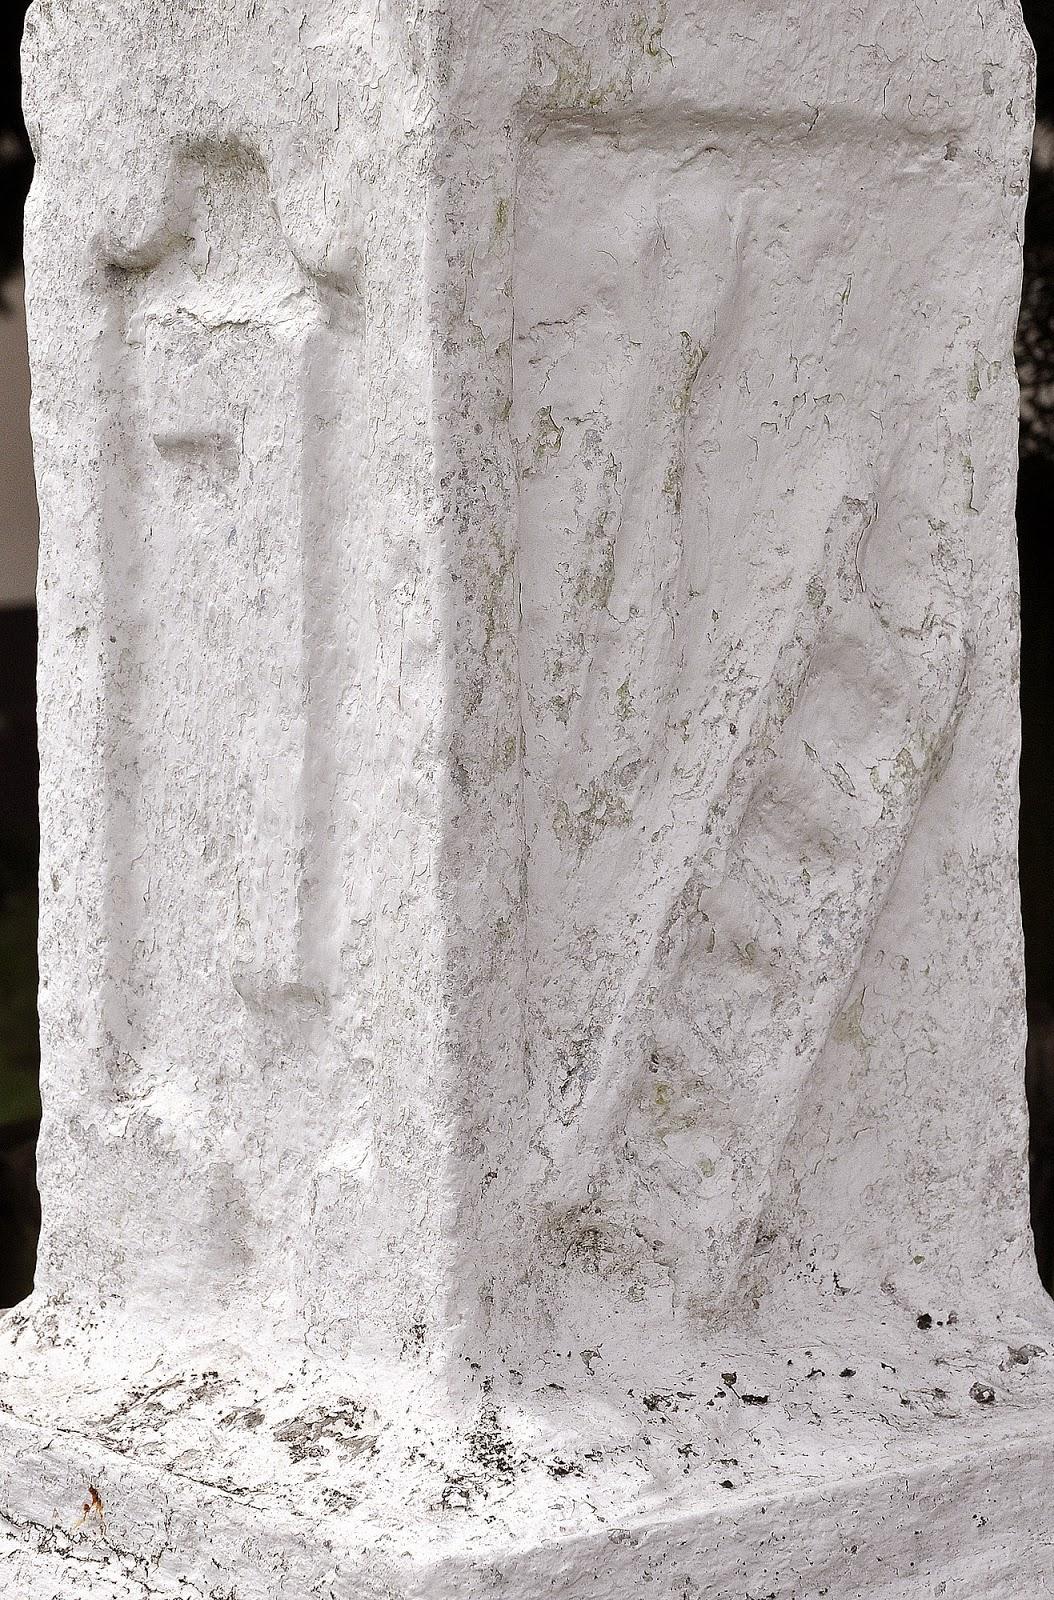 Mokra k. Stąporkowa, Żeliwny krzyż na kamiennym postumencie. Kamienny postument - widok z przodu: od góry widoczny wykuty krzyż łaciński (zwykły) - crux ordinaria, poniżej Arma Christi: drabina, obcęgi (ukryte pod grubą warstwą farby), po lewej stronie kolumny nie rozpoznany symbol. Foto KW.